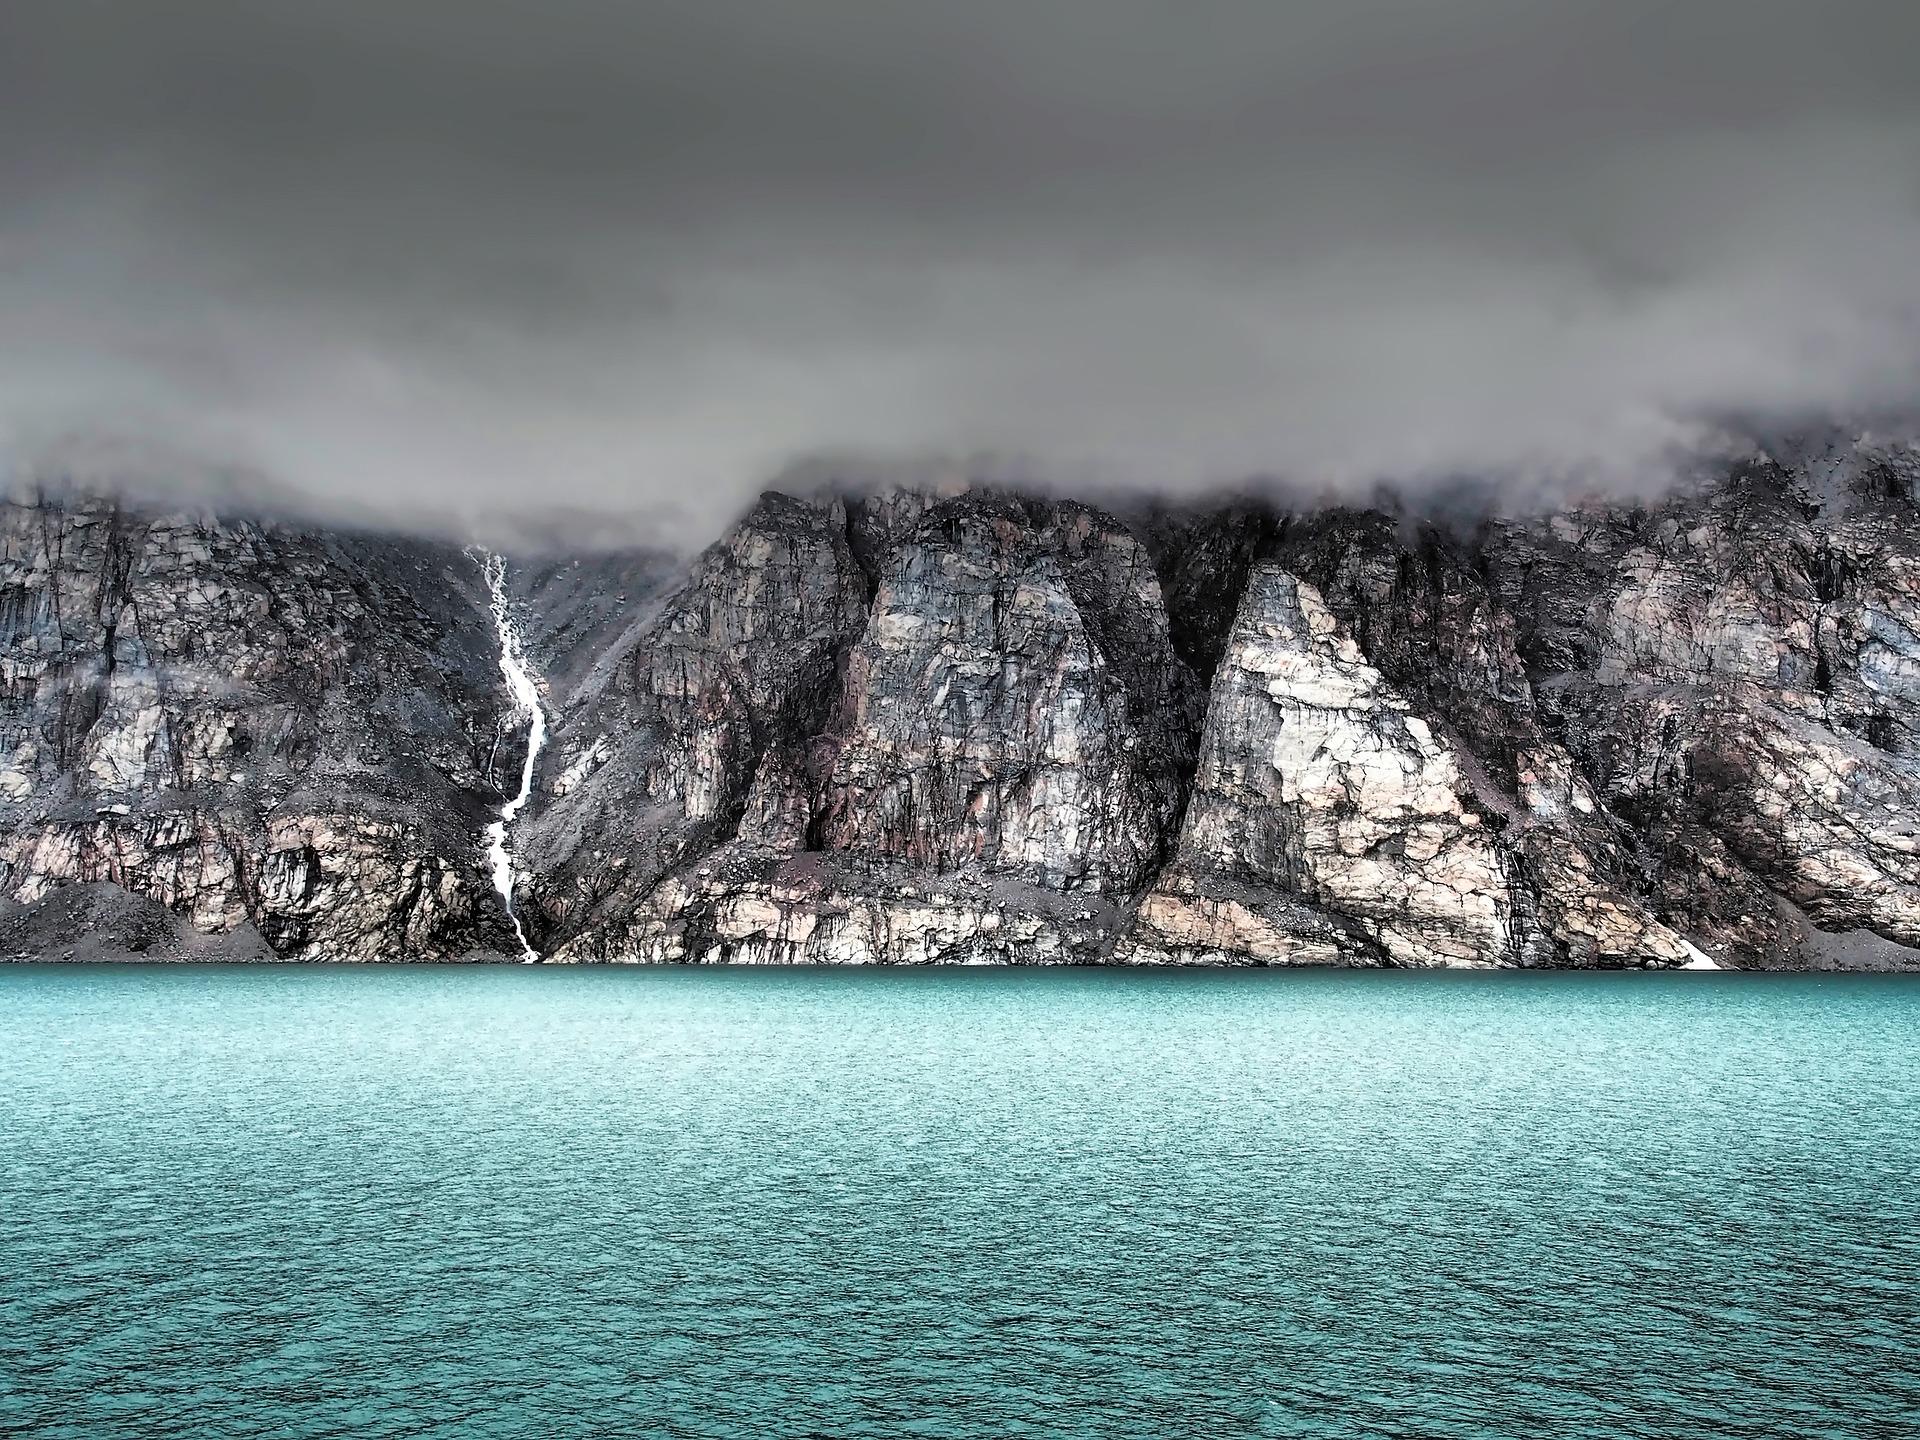 Alquiler de barcos y yates de lujo en Groenlandia. Alquiler de yates explorador en Groenlandia